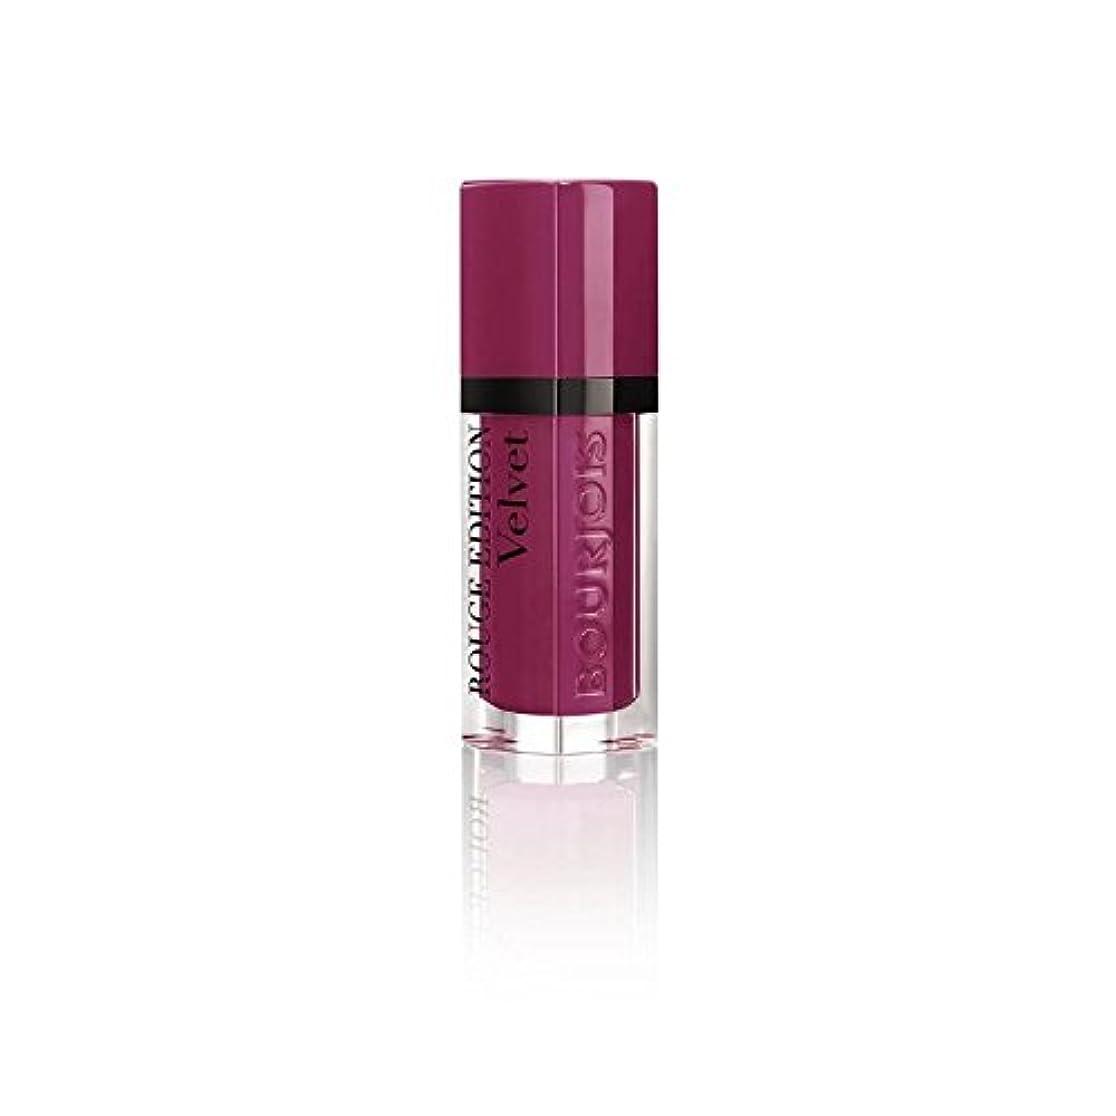 ピザショッキング対処ルージュ版のベルベットの口紅、梅梅の女の子の8ミリリットル (Bourjois) (x 6) - Bourjois Rouge Edition Velvet Lipstick, Plum Plum Girl 8ml (Pack of 6) [並行輸入品]